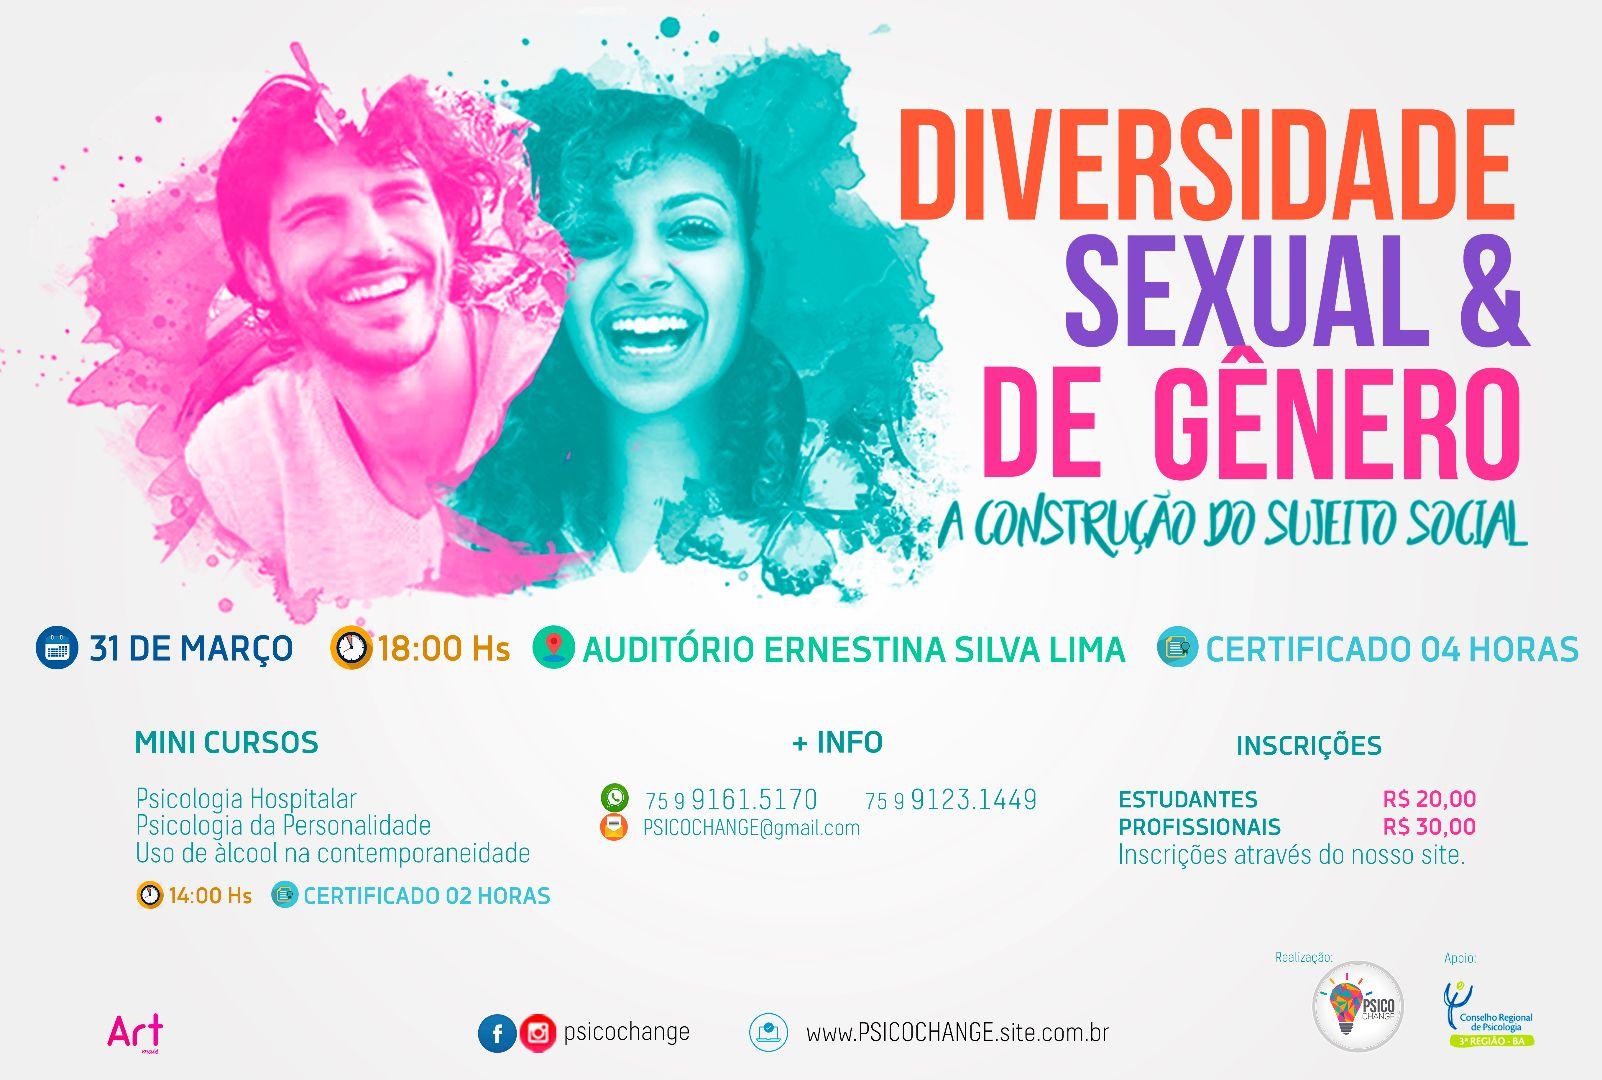 Diversidade sexual & de gênero: a construção do sujeito social.